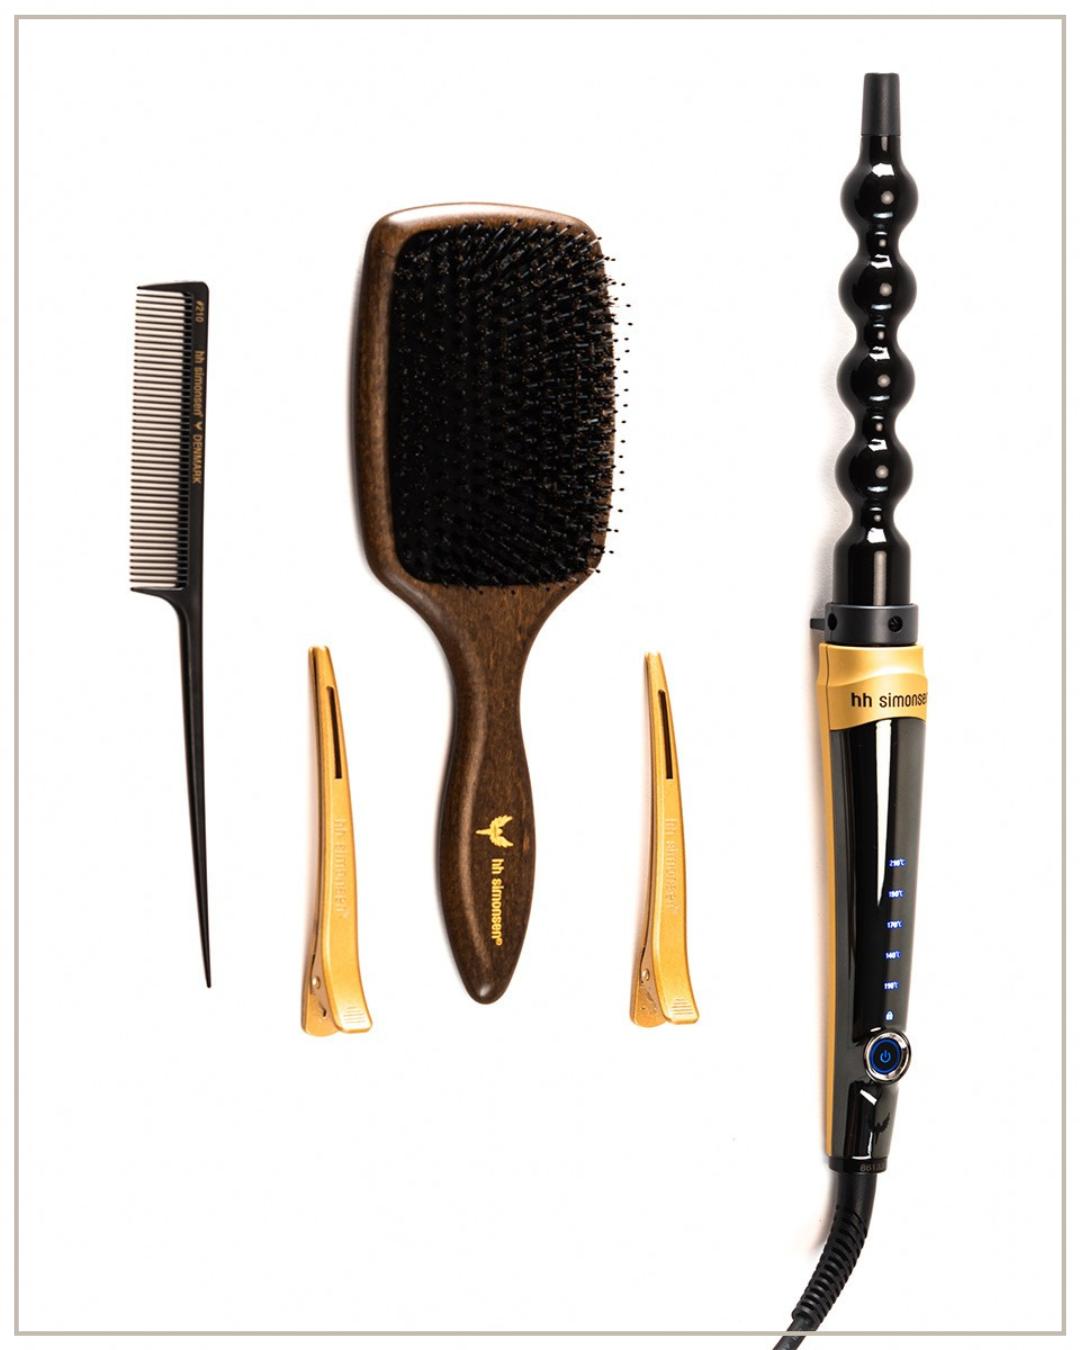 HH Simonsen Rod Vs10 Gold Limited Edition Plaukų garbanojimo įrankis